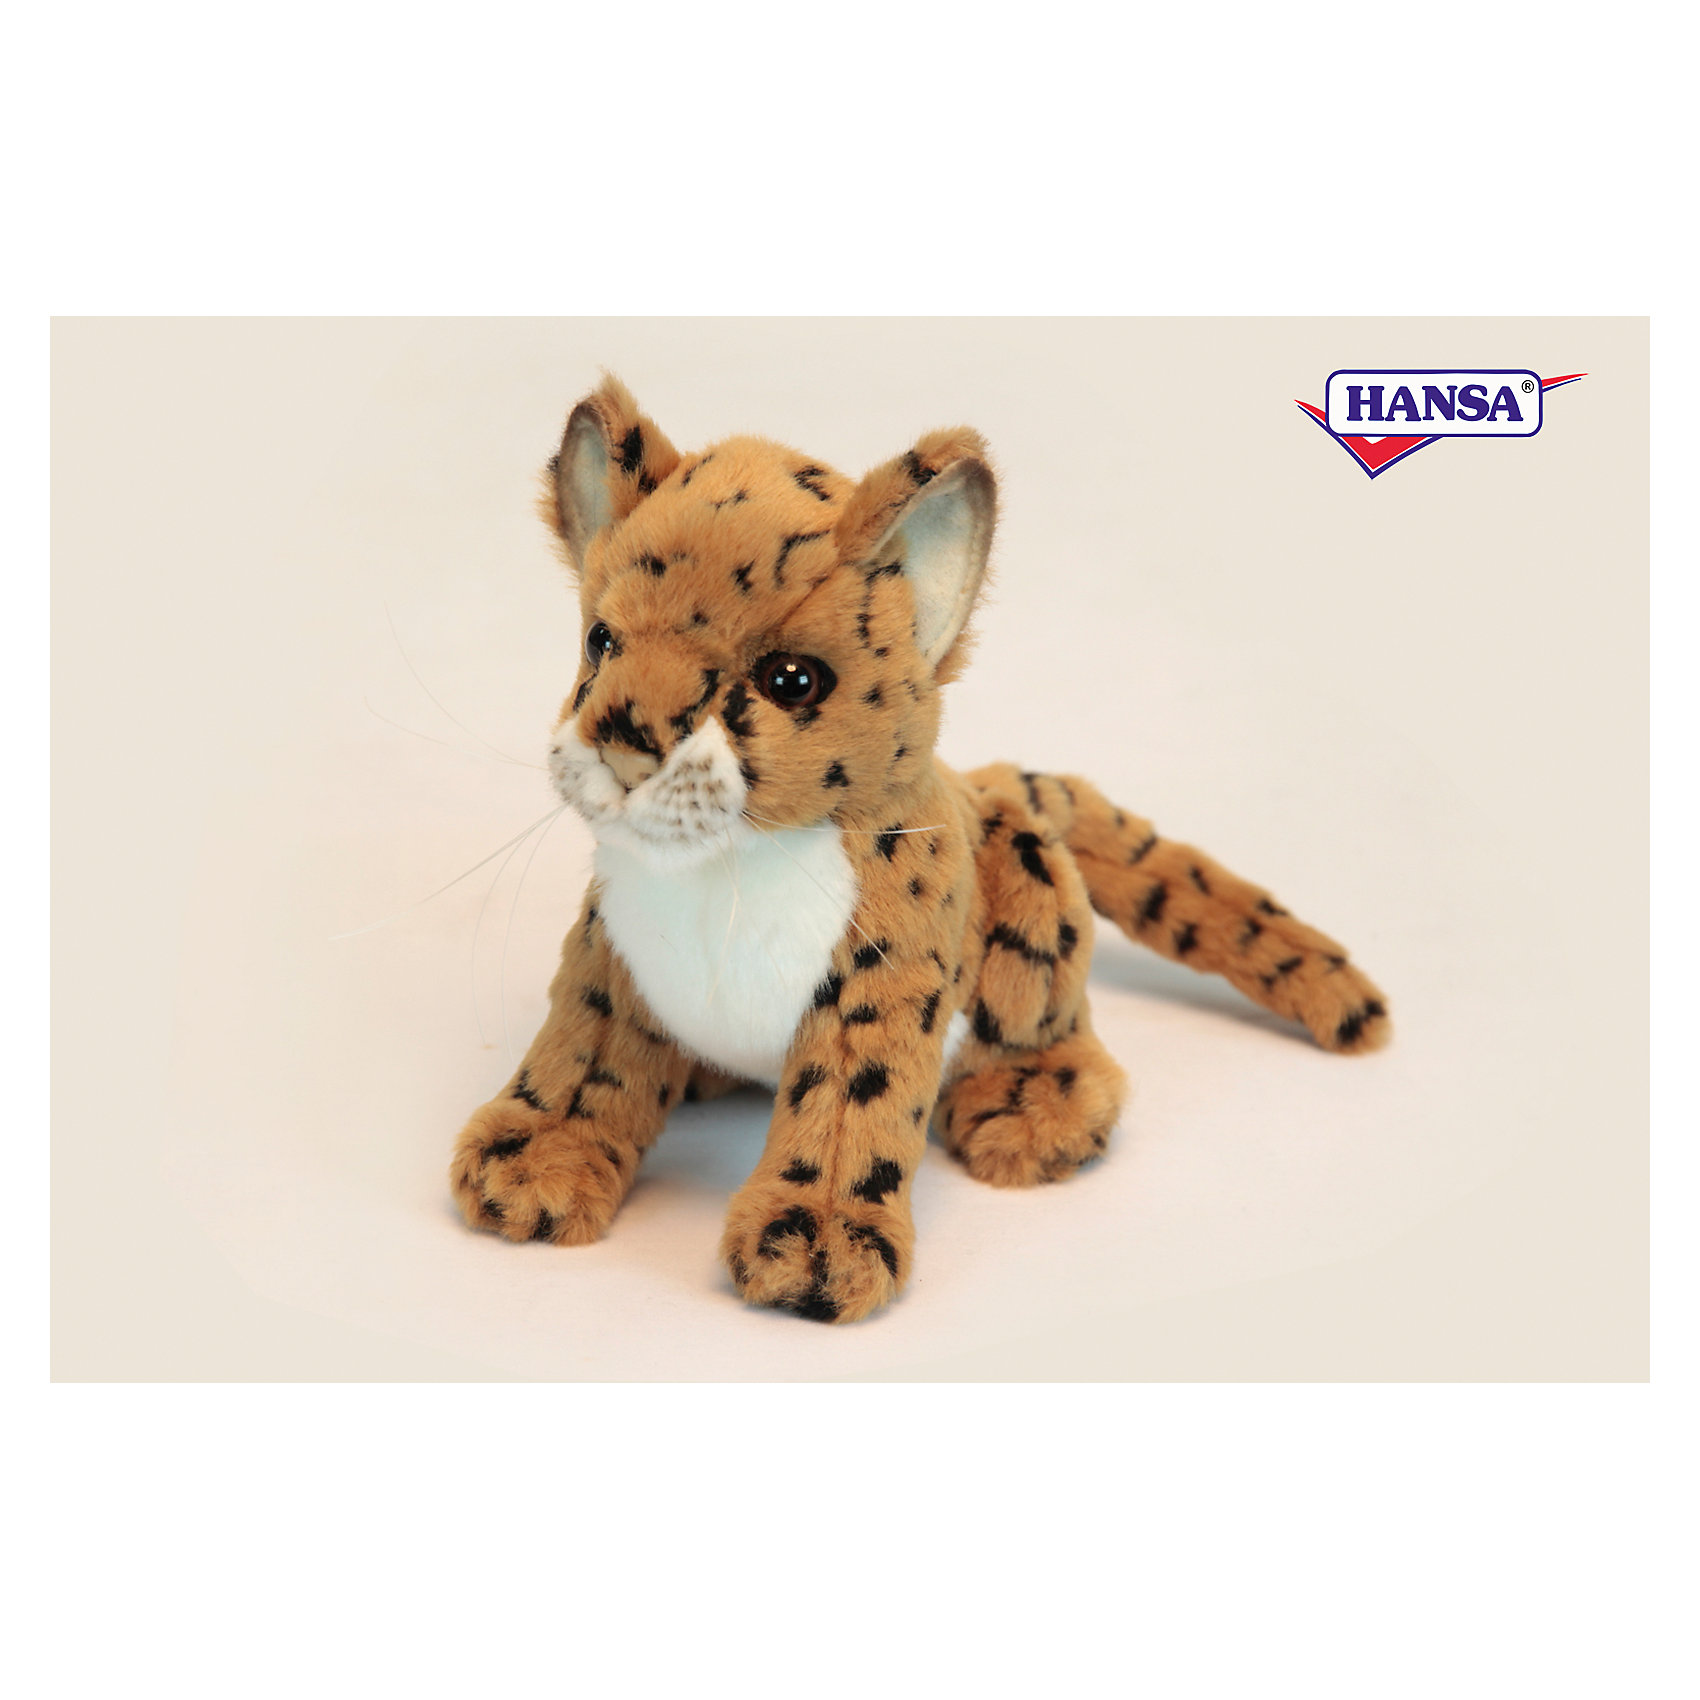 Леопард, 16 см, HansaЗвери и птицы<br>Леопард, 16 см, Hansa (Ханса)<br><br>Характеристики:<br><br>• реалистичная мягкая игрушка<br>• приятная на ощупь<br>• прочный каркас<br>• размер игрушки: 16 см<br>• материал: металл, плюш, наполнитель, пластик<br>• размер упаковки: 14х18 см<br>• вес: 180 грамм<br><br>Маленький леопард от Hansa - очень красивый и забавный зверек. К тому же, он очень милый и приятный на ощупь. Его каркас выполнен из прочного металла, обеспечивающего игрушке долговечность. Реалистичные детали леопарда и блестящие глазки никого не оставят равнодушным!<br><br>Леопард, 16 см, Hansa (Ханса) вы можете купить в нашем интернет-магазине.<br><br>Ширина мм: 180<br>Глубина мм: 140<br>Высота мм: 160<br>Вес г: 180<br>Возраст от месяцев: 36<br>Возраст до месяцев: 2147483647<br>Пол: Унисекс<br>Возраст: Детский<br>SKU: 5503275